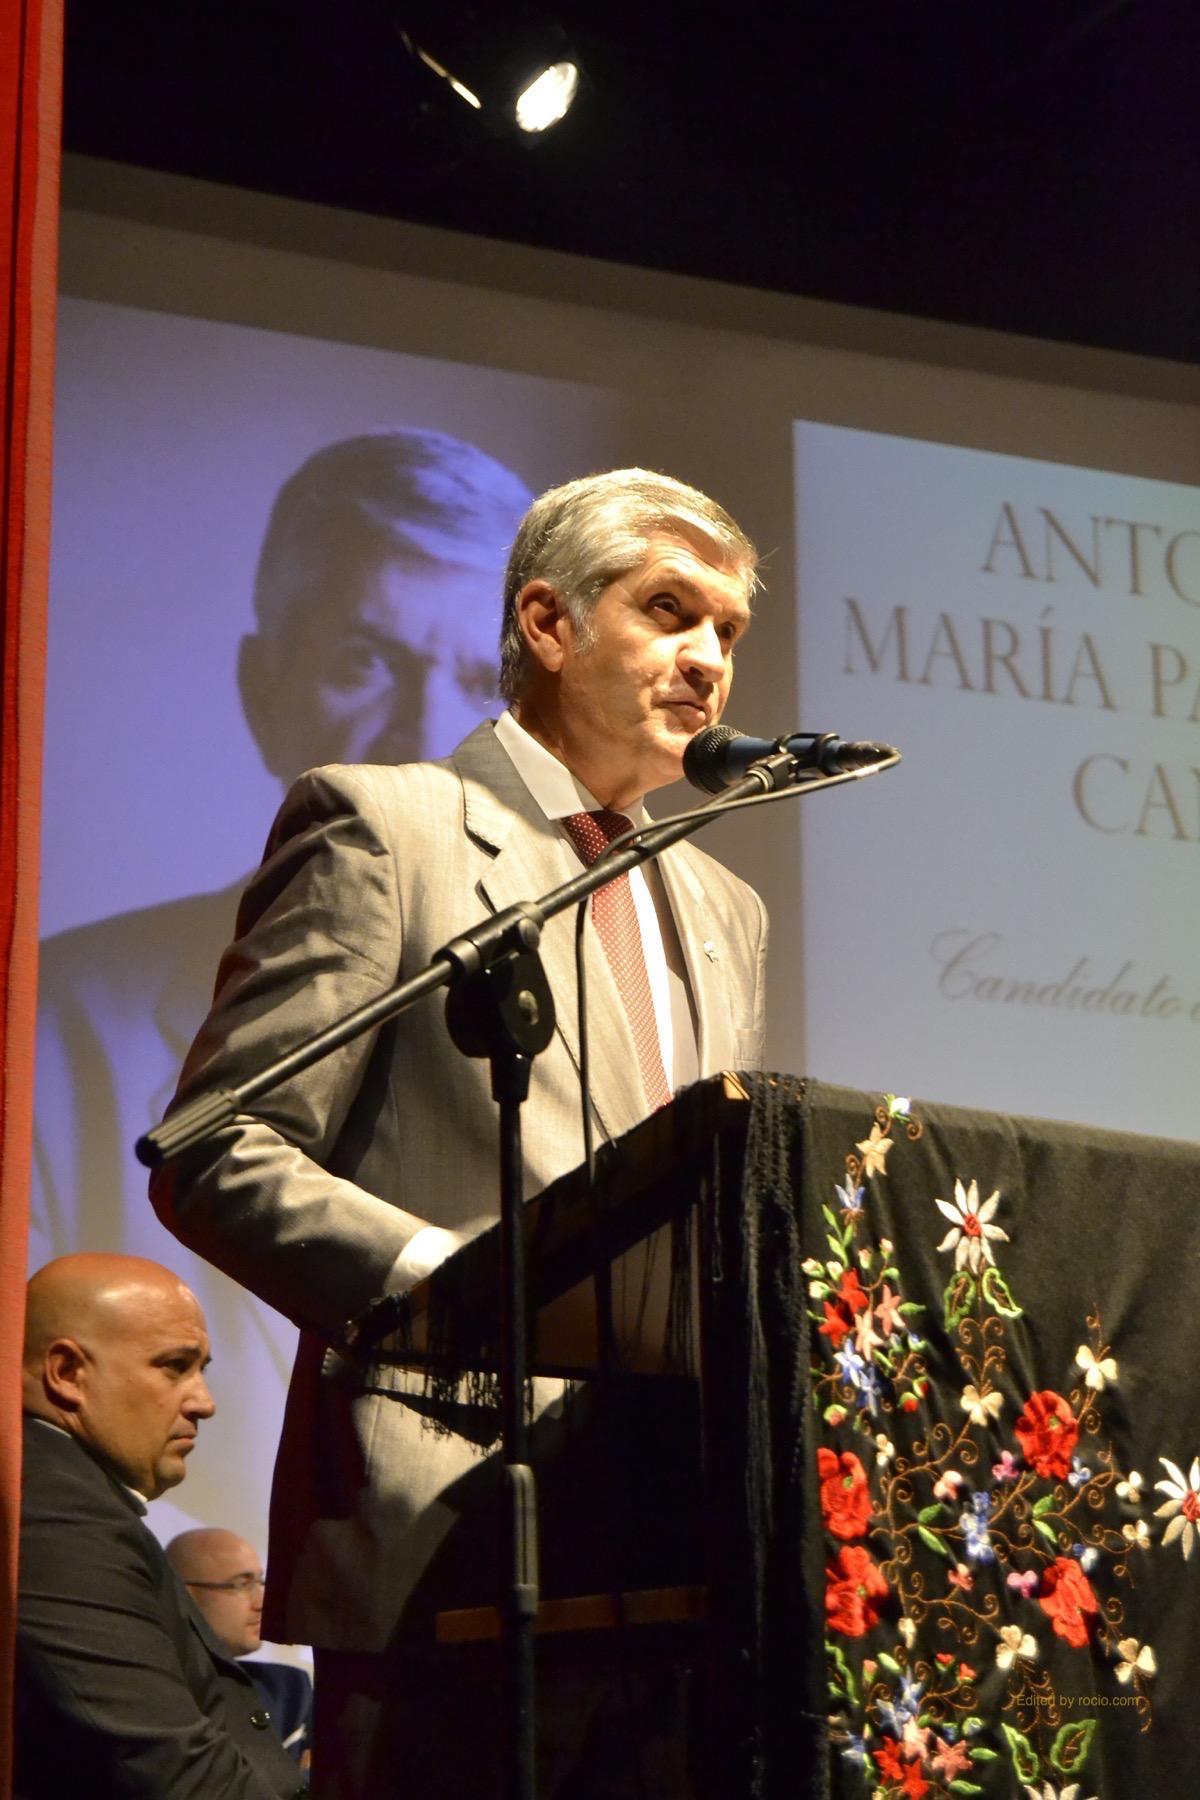 Antonio María Palomar presenta su candidatura a Hermano Mayor a la Hermandad del Rocío de Gines-5